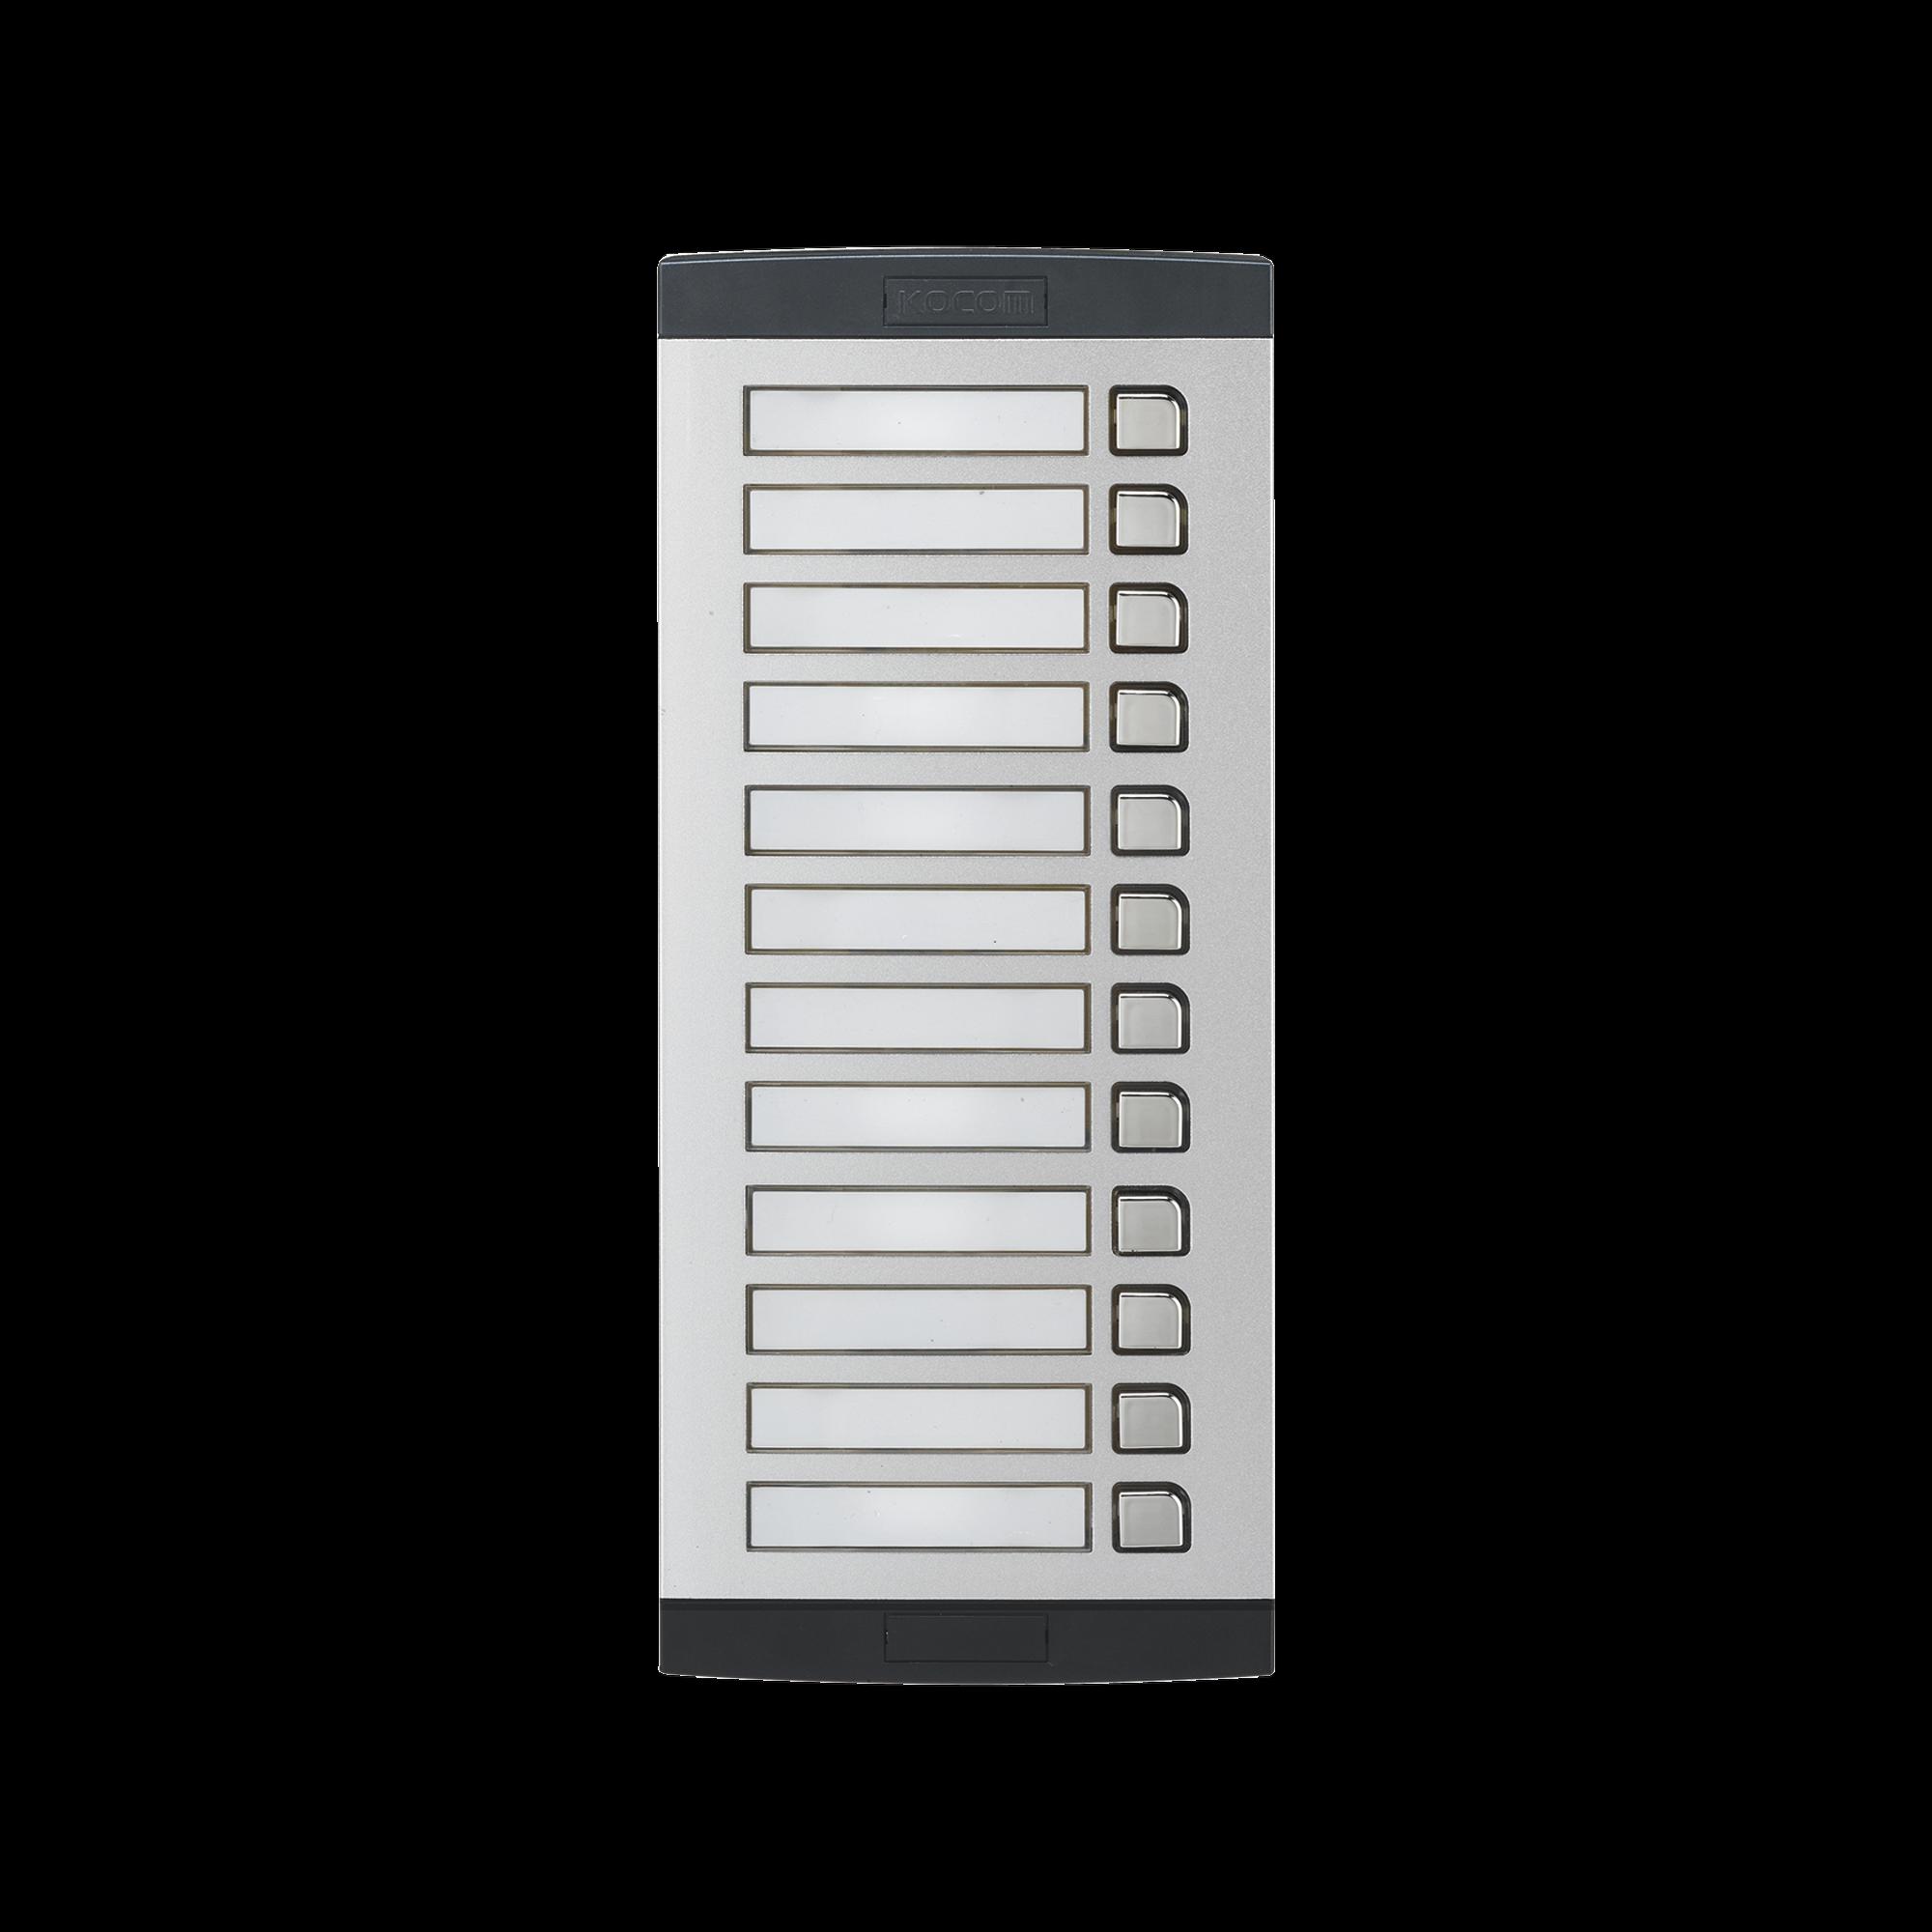 Expansor de 12 apartamentos para KVLC3 series